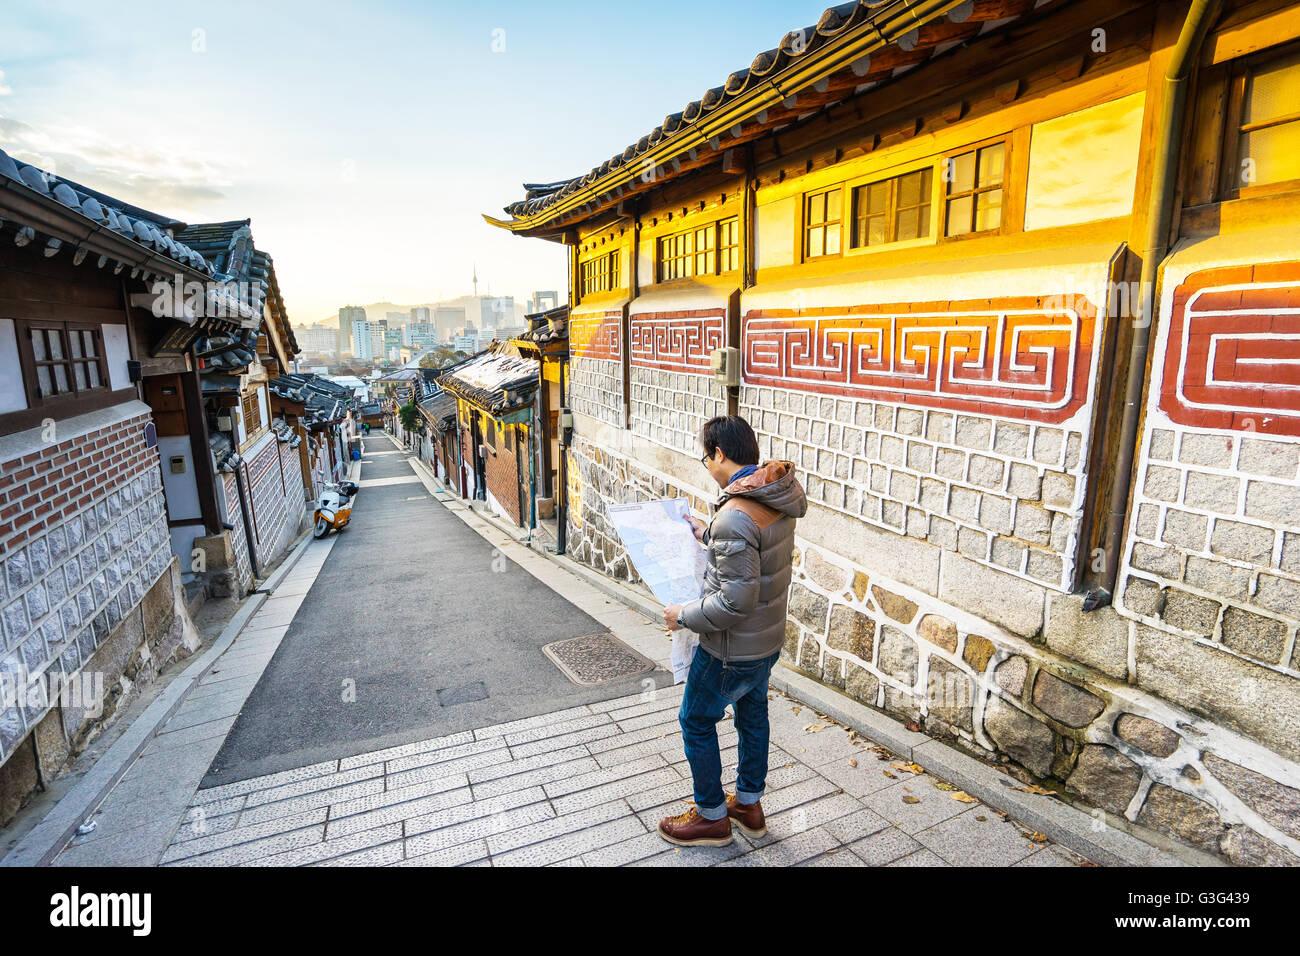 Der Reisende Bukchon Hanok Village in Seoul, Südkorea. Stockbild